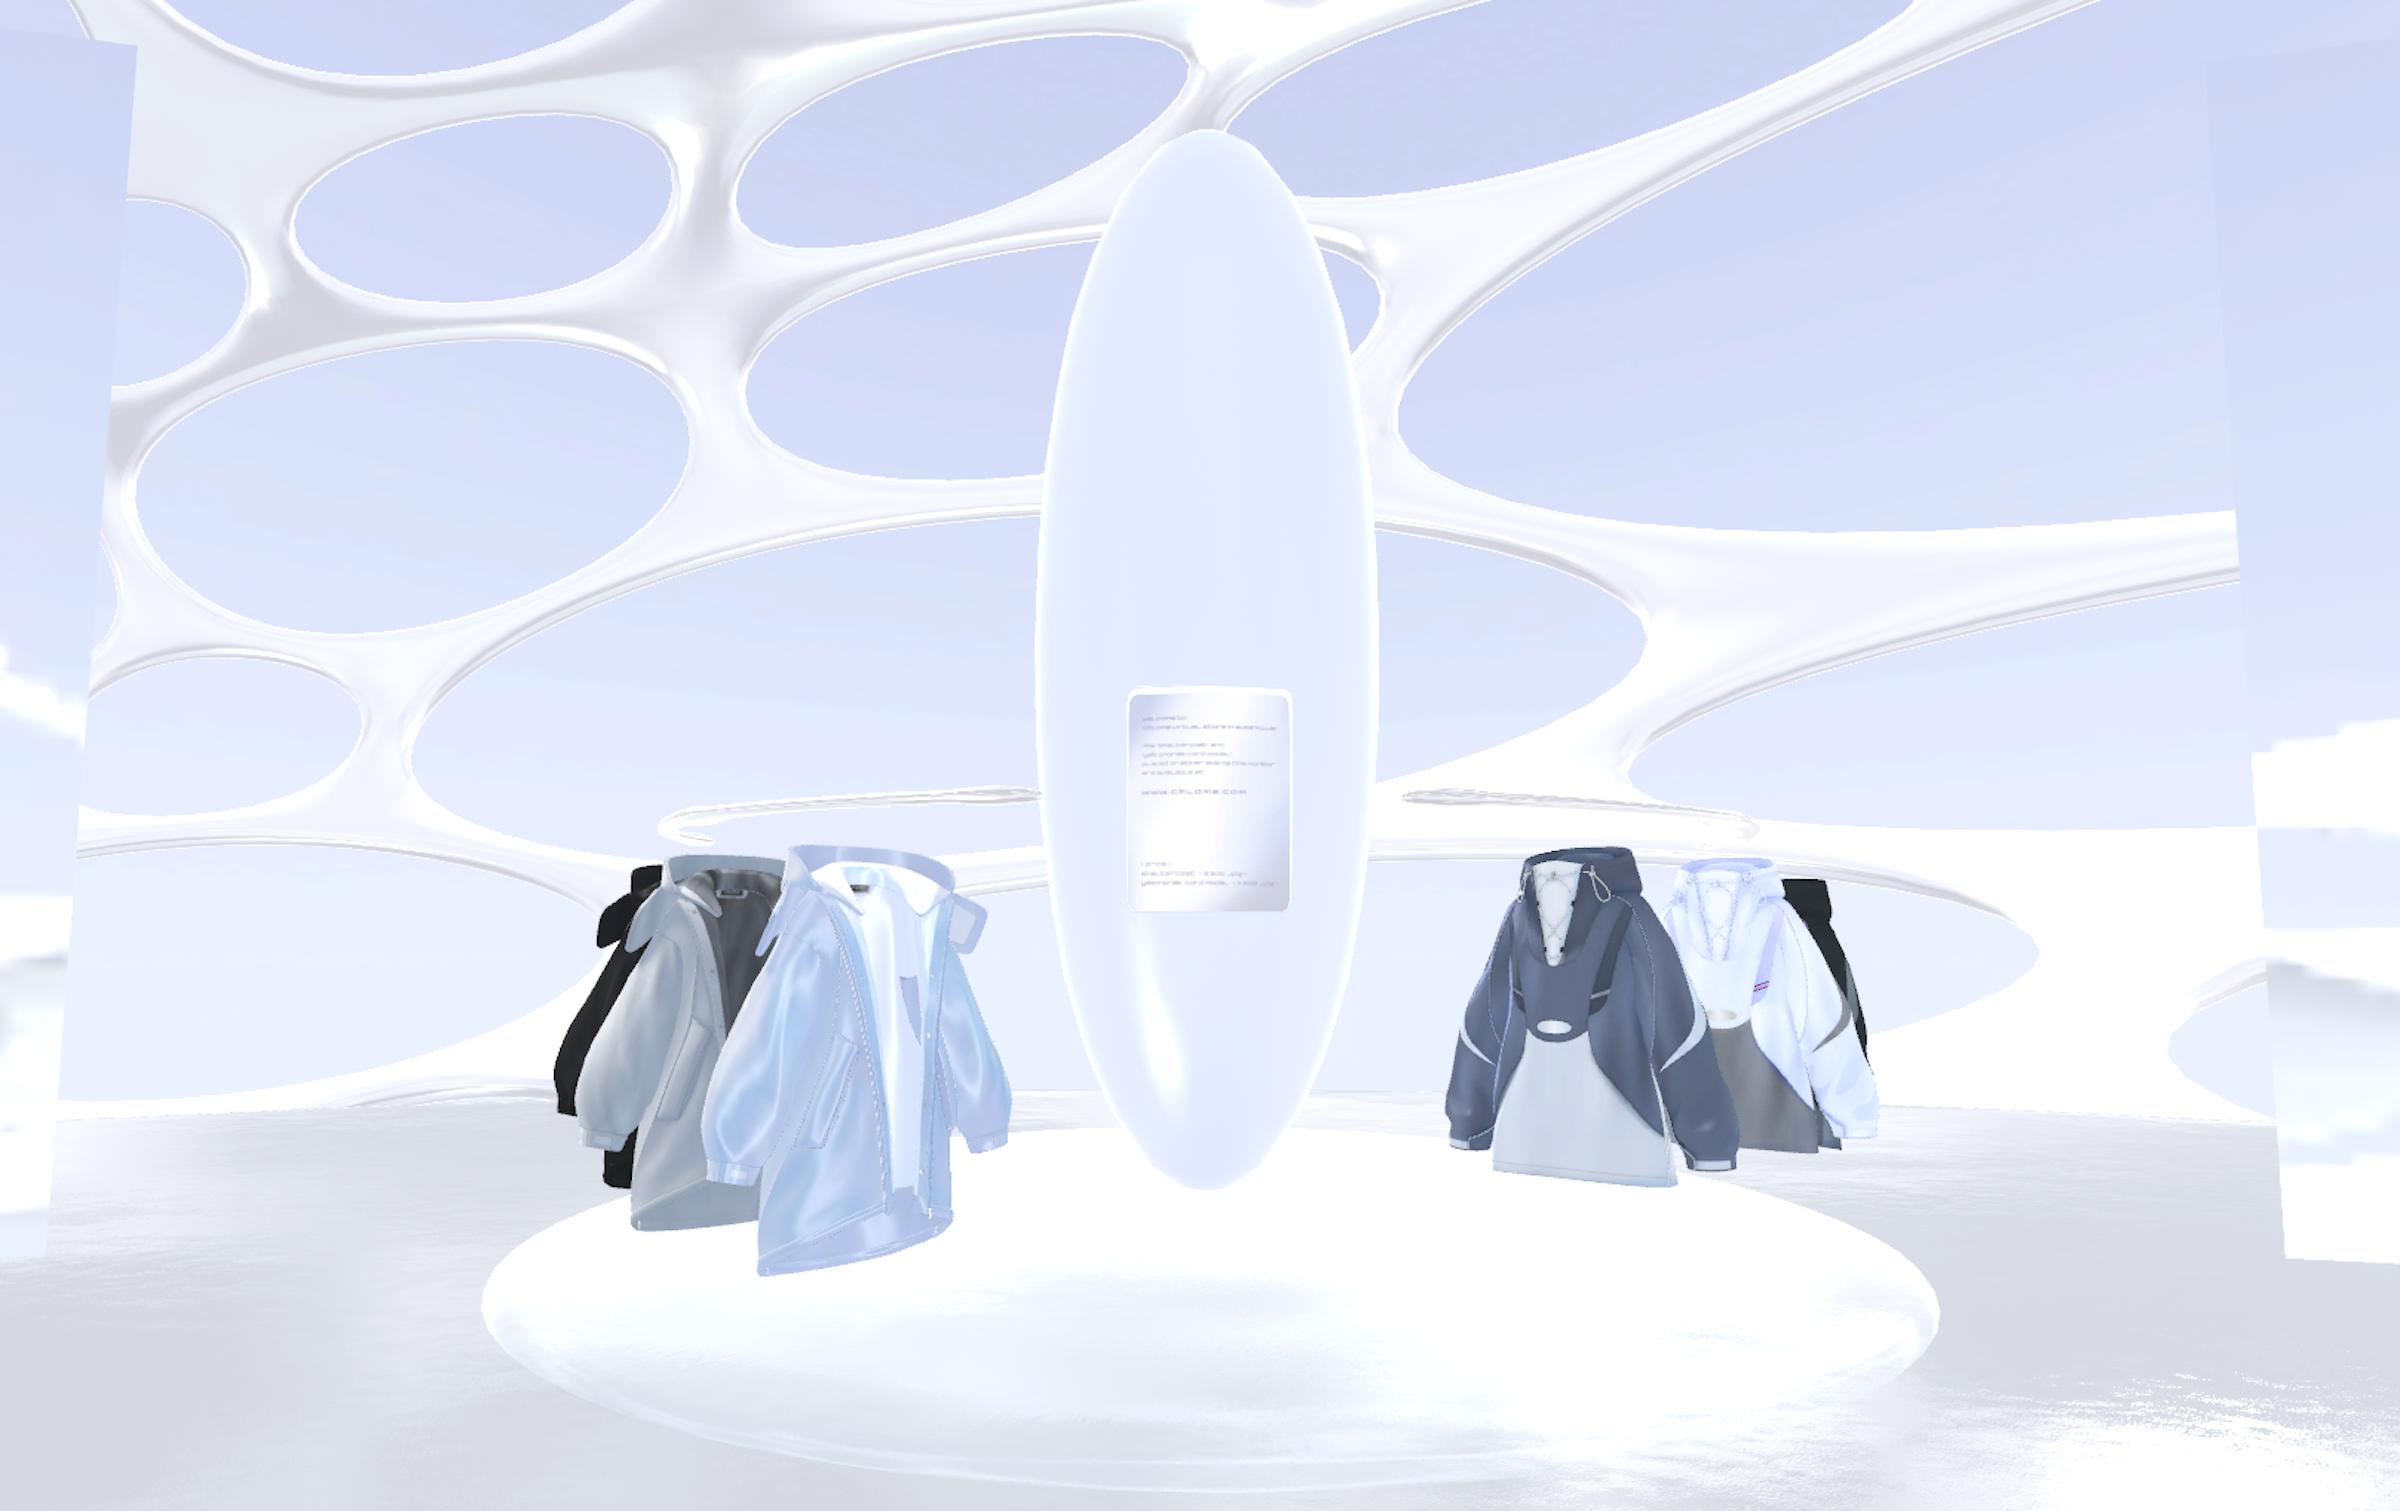 画像: アバターウェア Shelter Coat、Y2K Anorakの展示風景。ここから服を取り、試着体験をすることができる